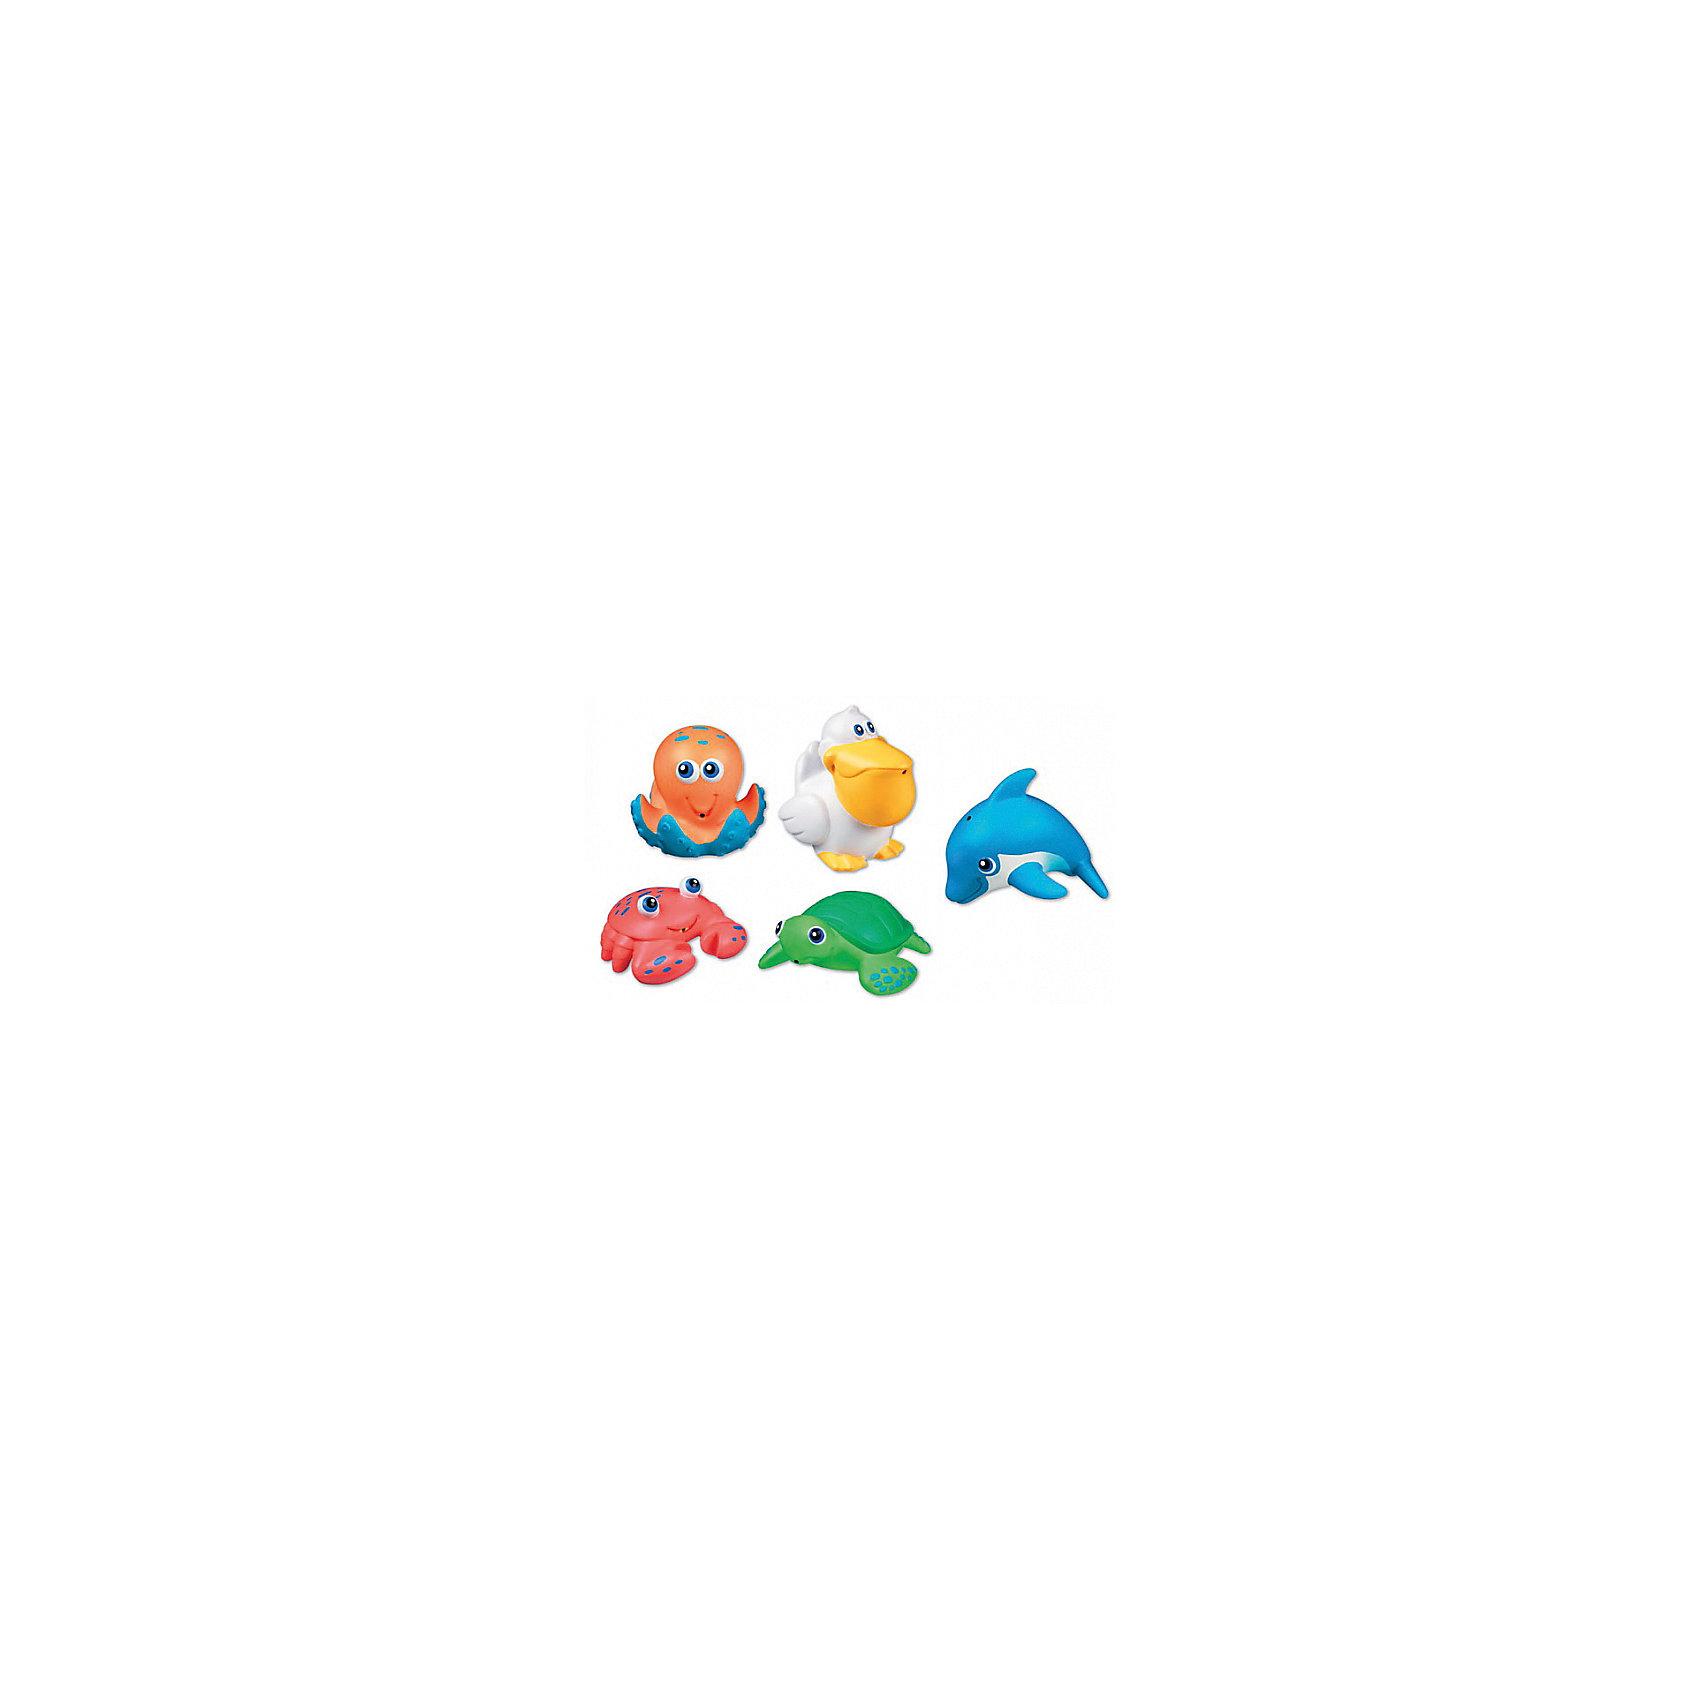 munchkin Игрушки для ванной Морские животные  5шт, Munchkin munchkin для игрушек в ванной